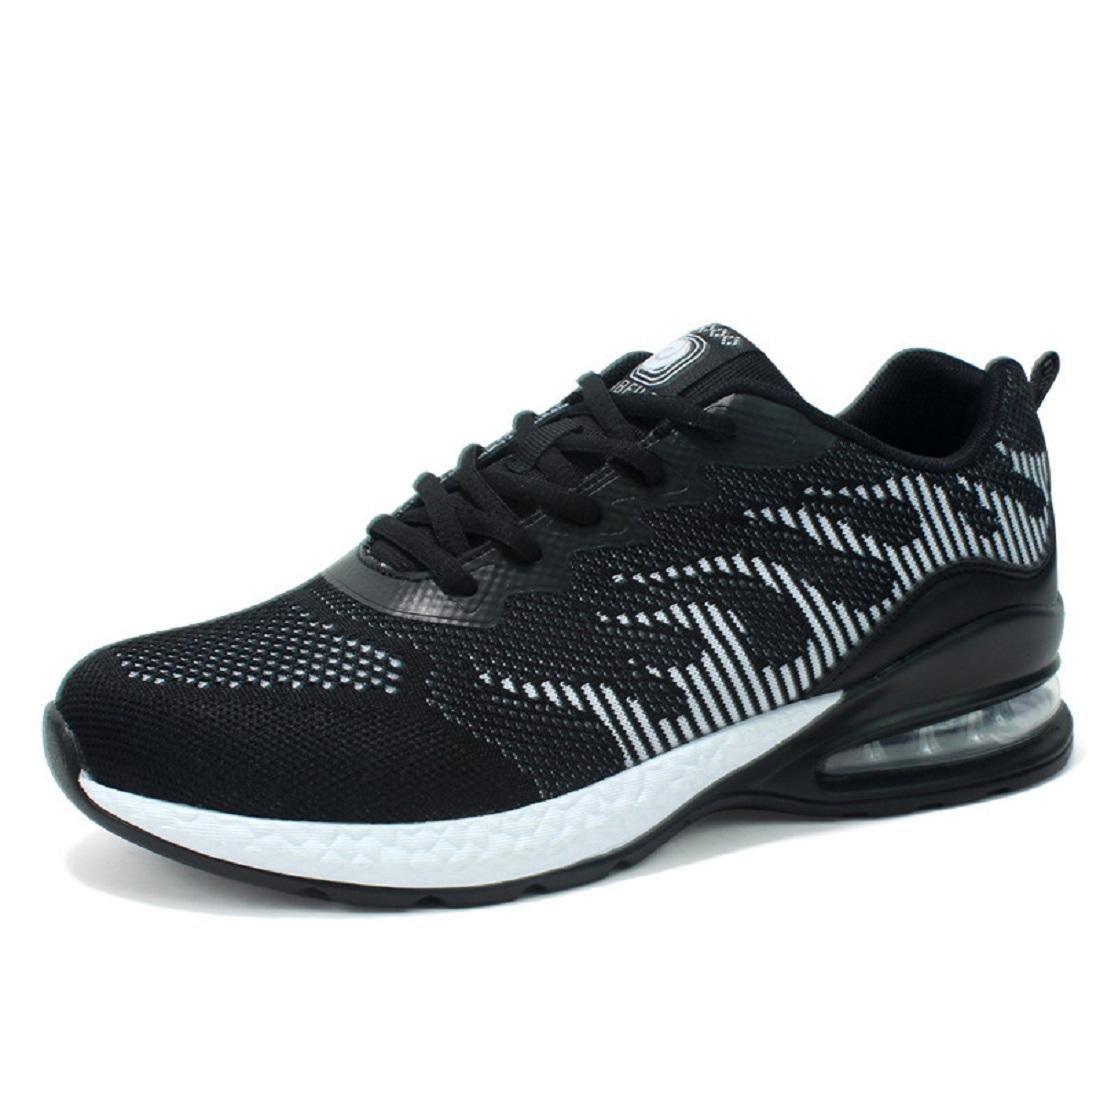 Herren Herbst Winter Atmungsaktiv Mode Laufschuhe Laufschuhe Laufschuhe Sportschuhe Draussen Trainer Flache Schuhe Schuhe erhöhen EUR GRÖSSE 39-44 701733